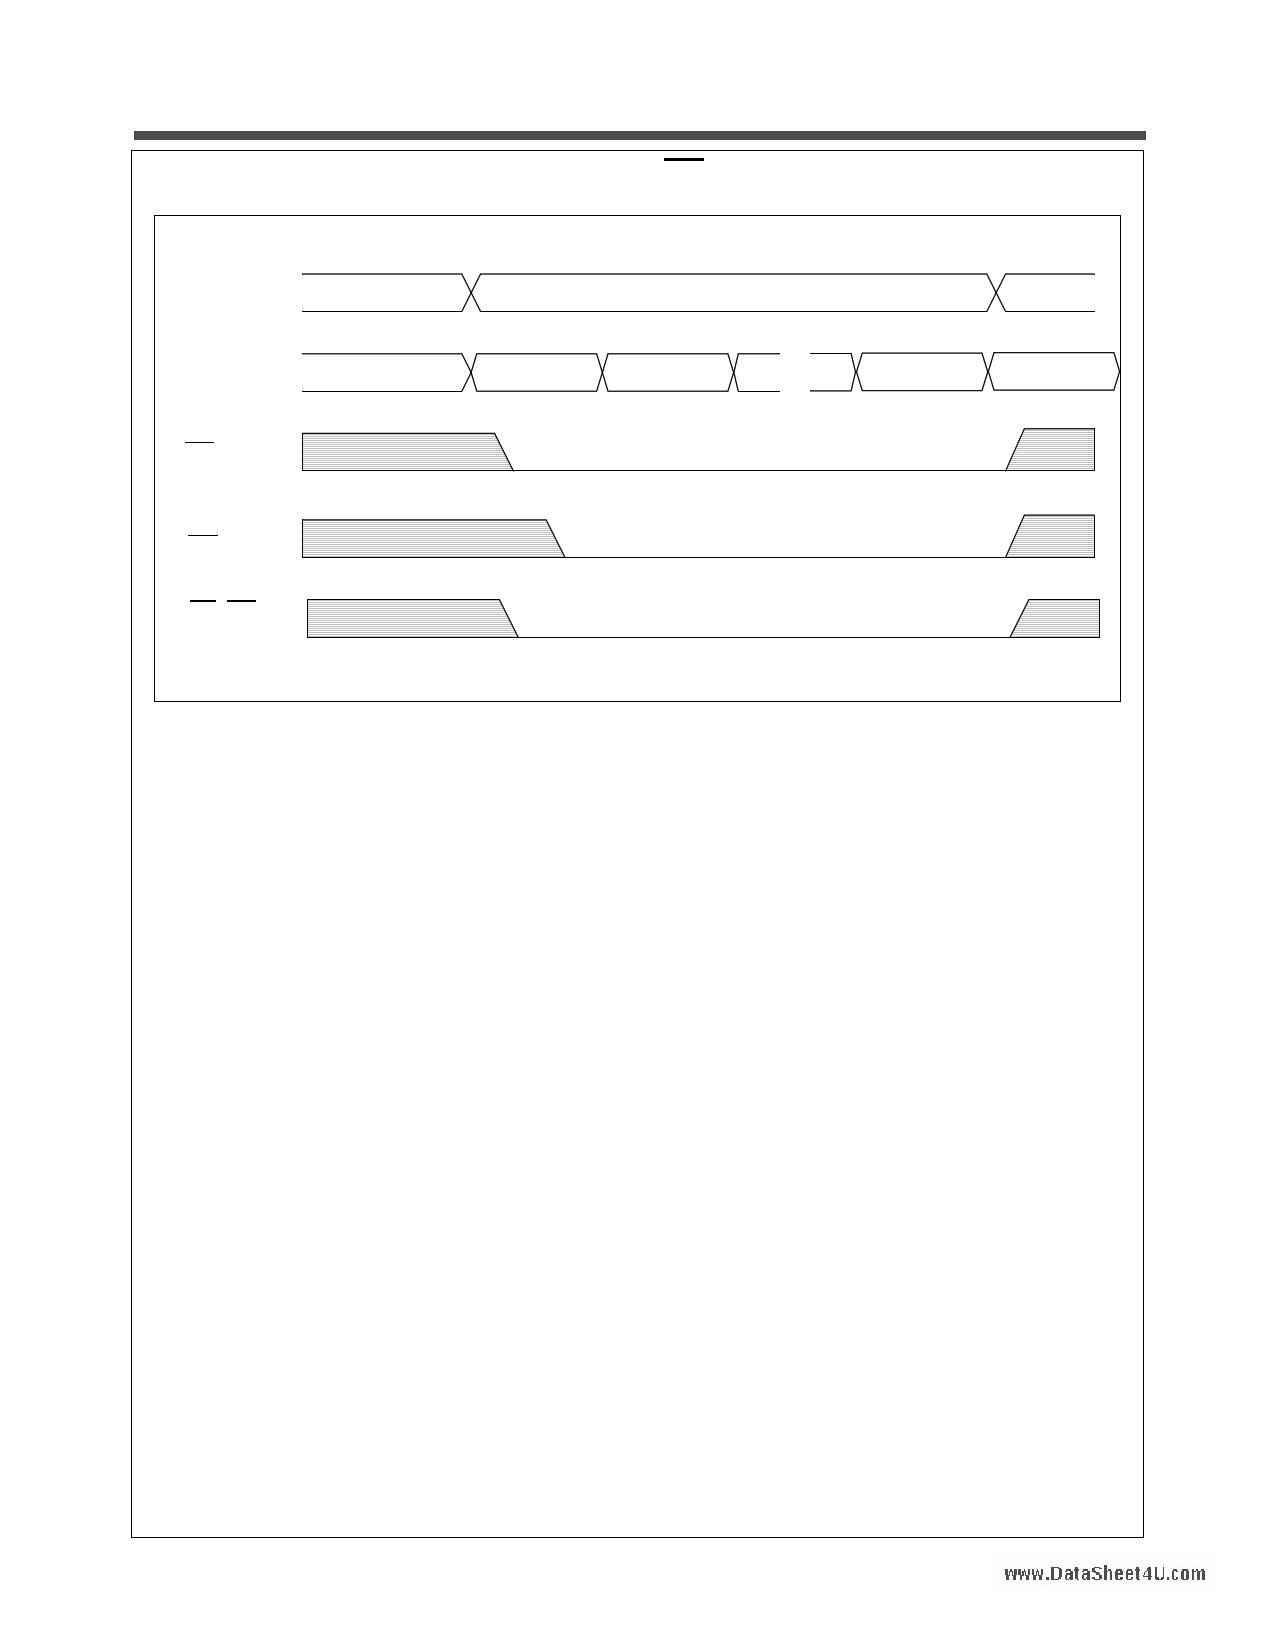 N02L163WN1A pdf, arduino